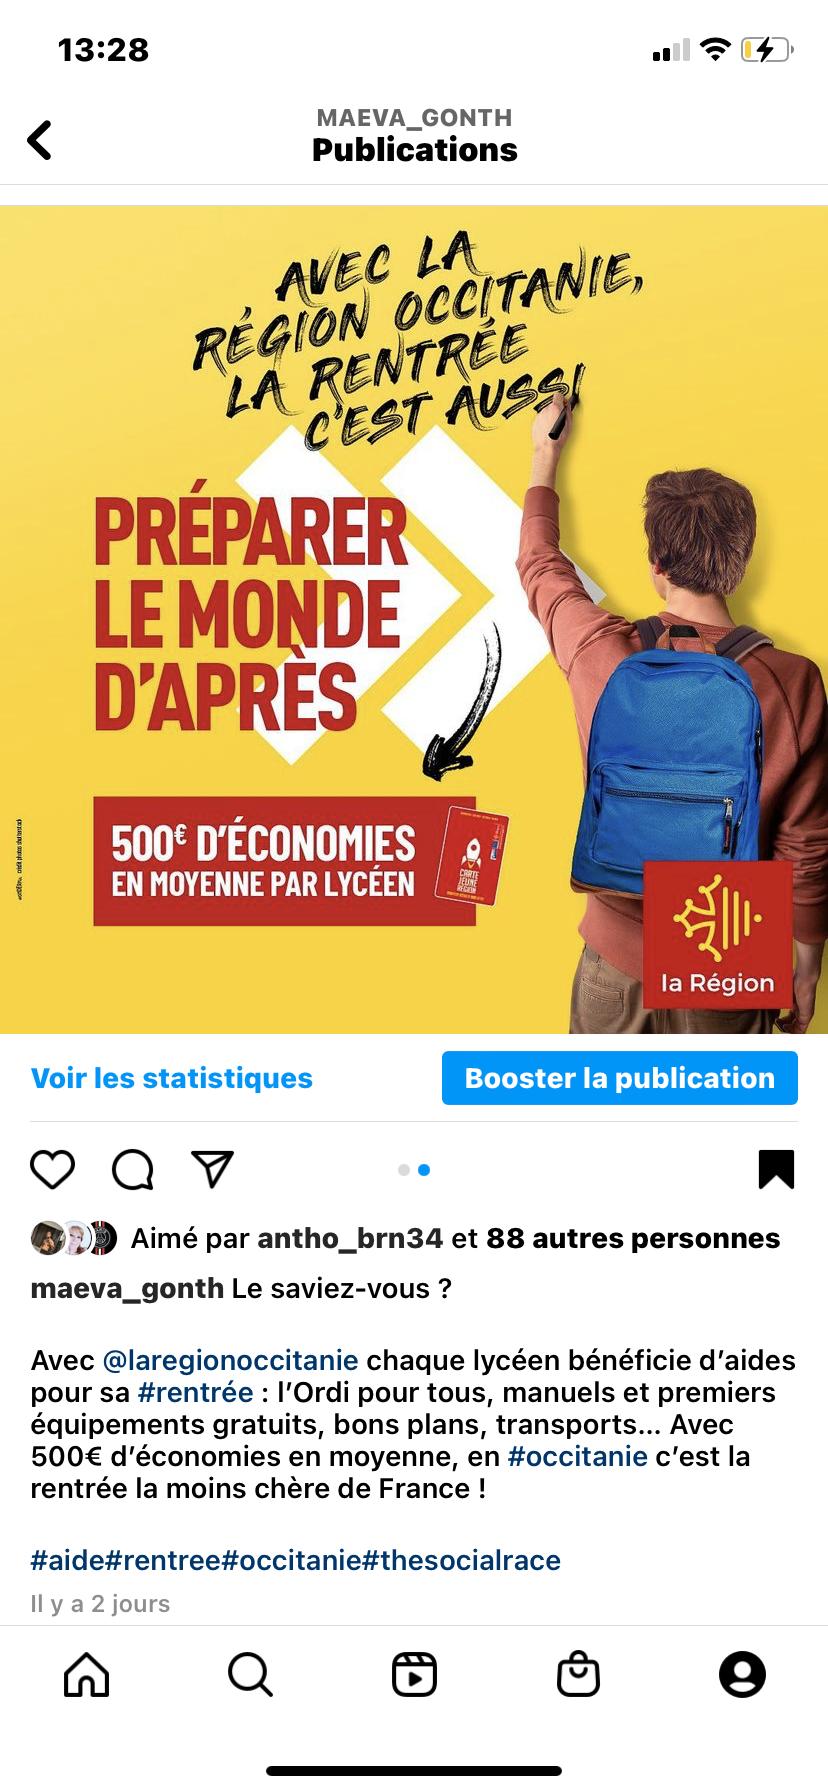 FRANCE : La rentrée la moins chère de France La Région Occitanie